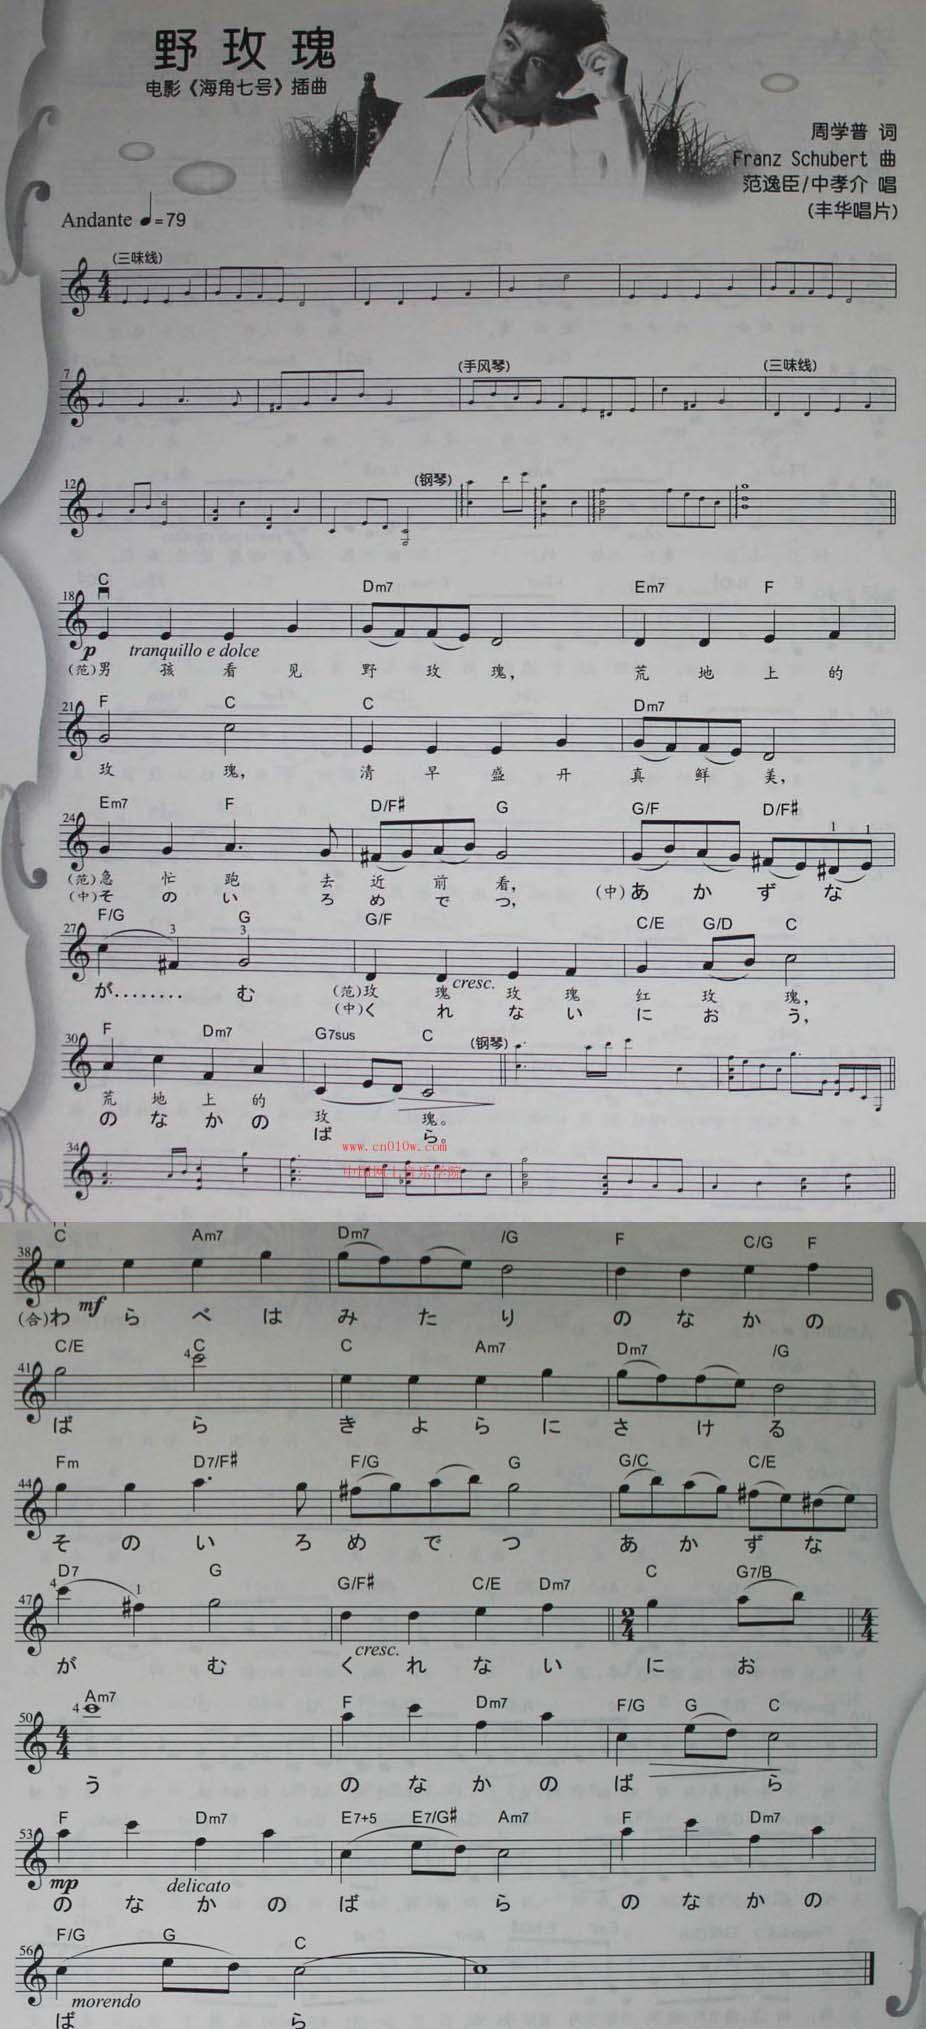 小提琴曲谱下载 简谱下载 五线谱下载 曲谱网 曲谱大全 中国曲谱网